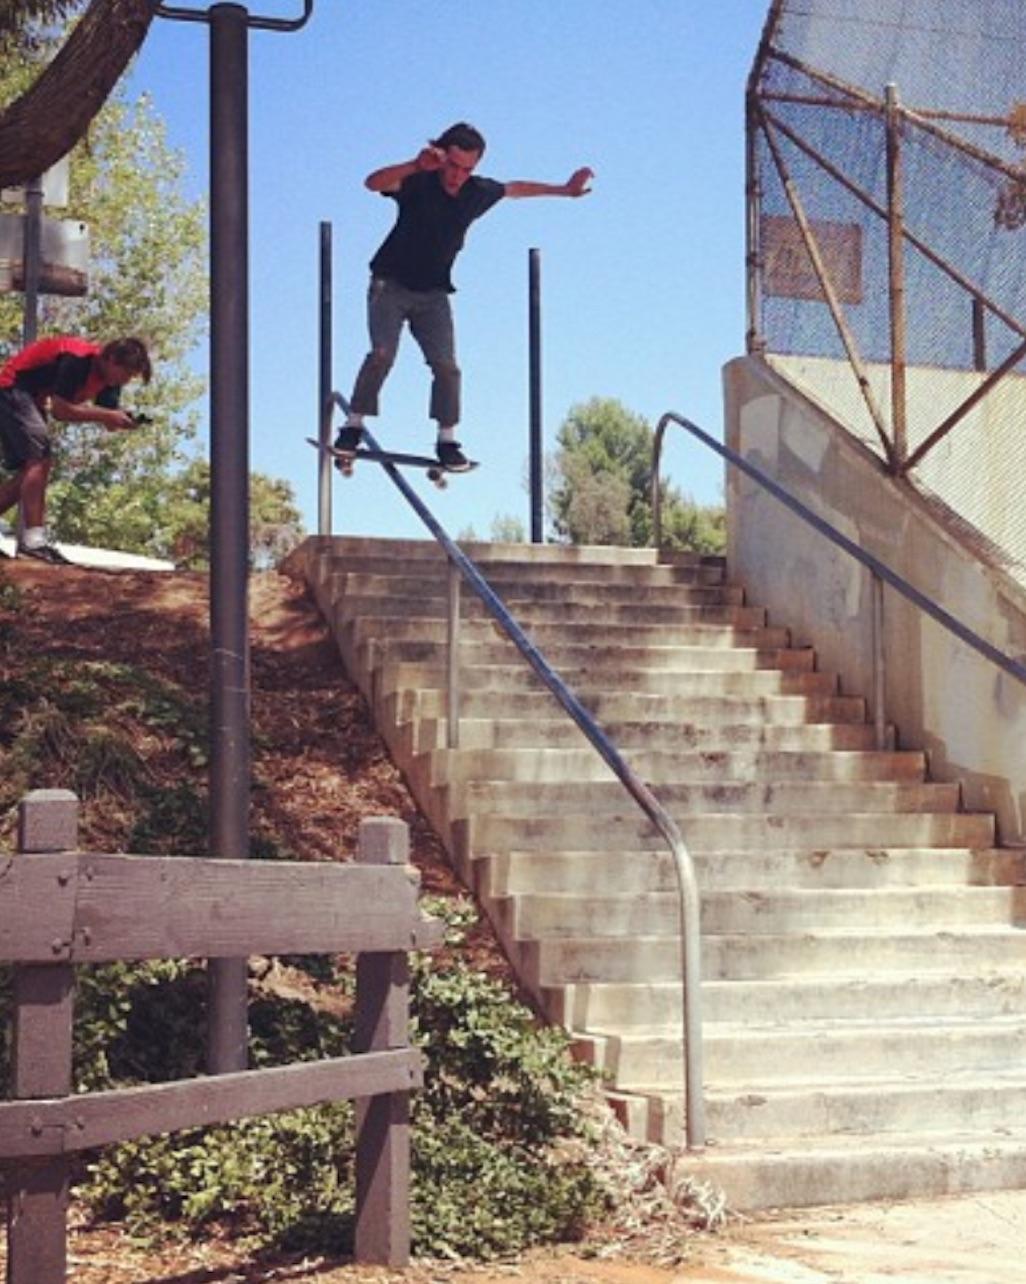 Chris Center Vegetableshredder vegan skateboarder board slide stair case hand rail